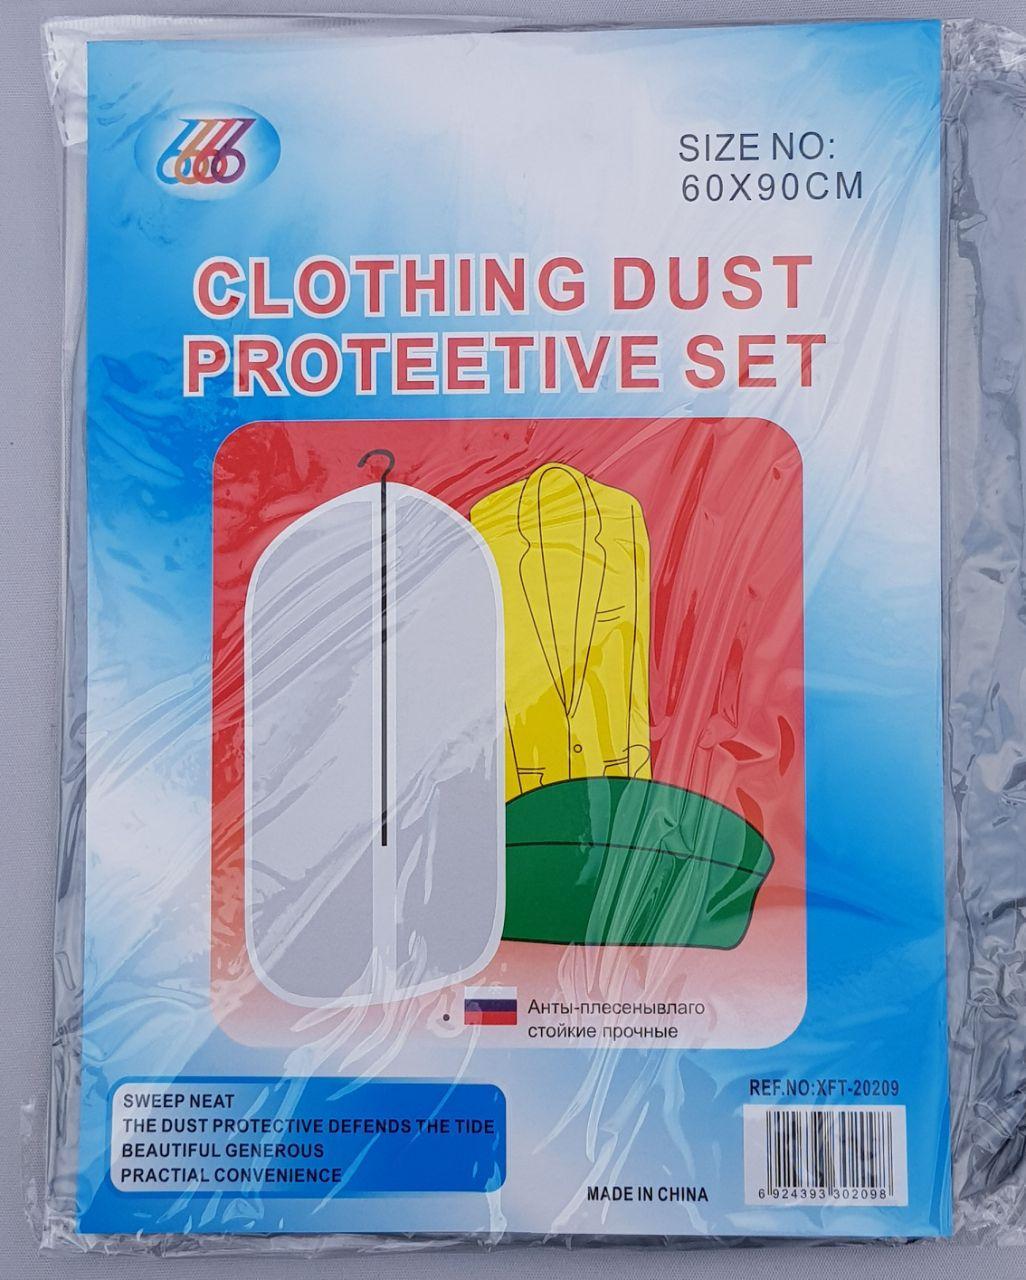 Чехол для хранения одежды полиэтиленовый серо-прозрачного цвета на молнии, размер 60*90 см